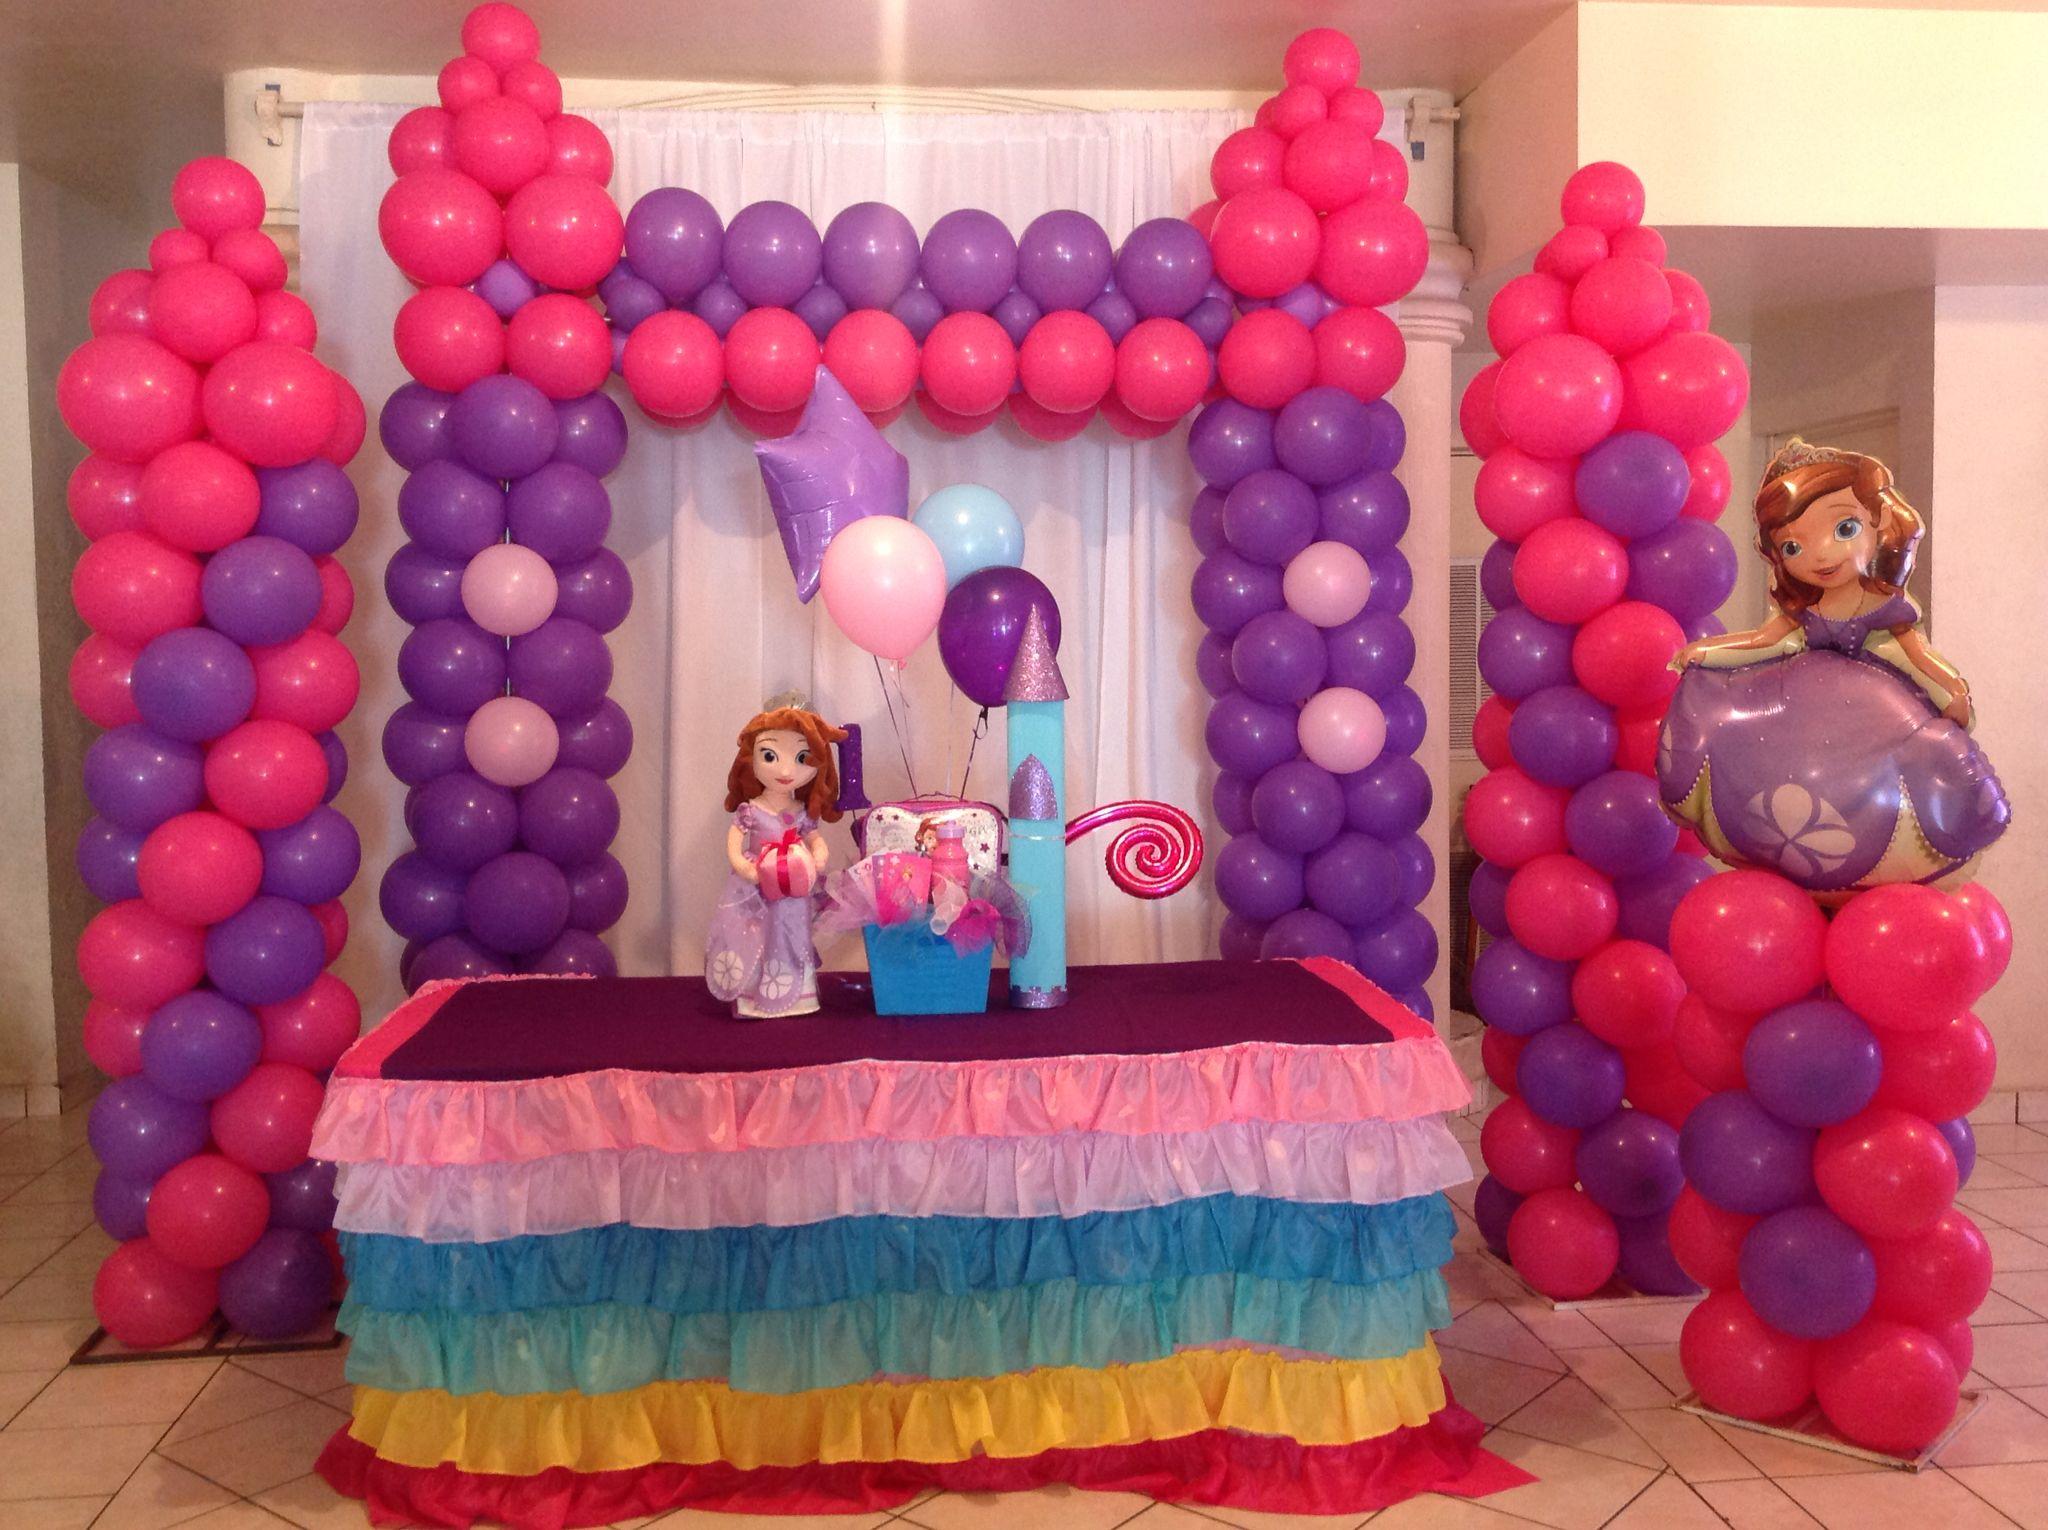 Decoracion con globos castillo princesa sofia pinteres - Decorar con globos ...